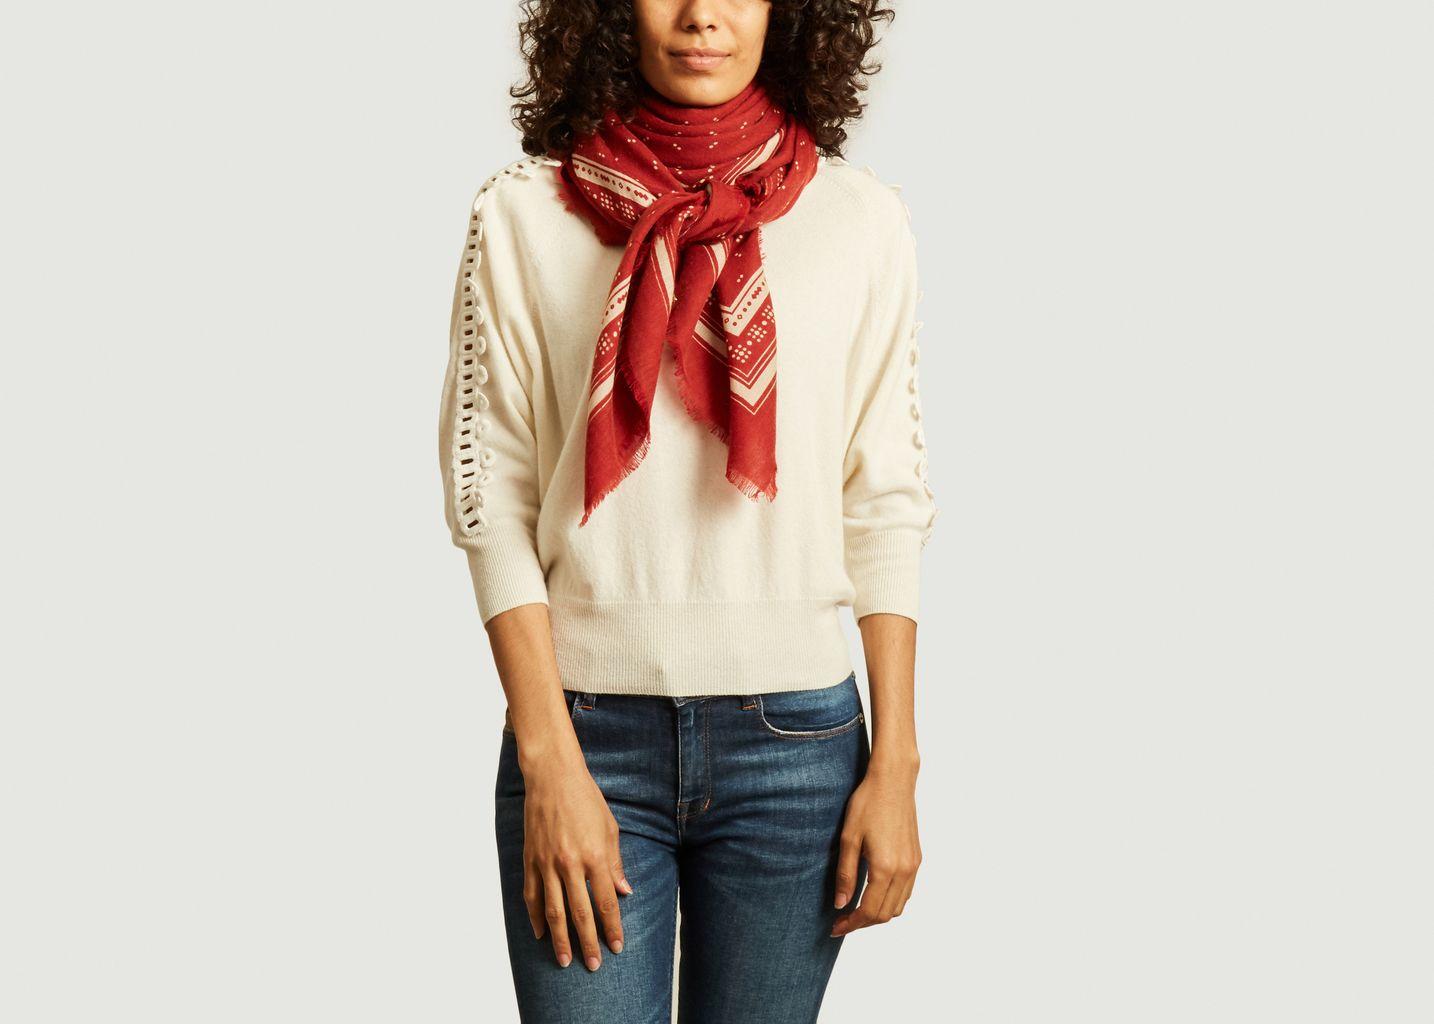 Foulard carré en laine et cachemire N°449 - Moismont